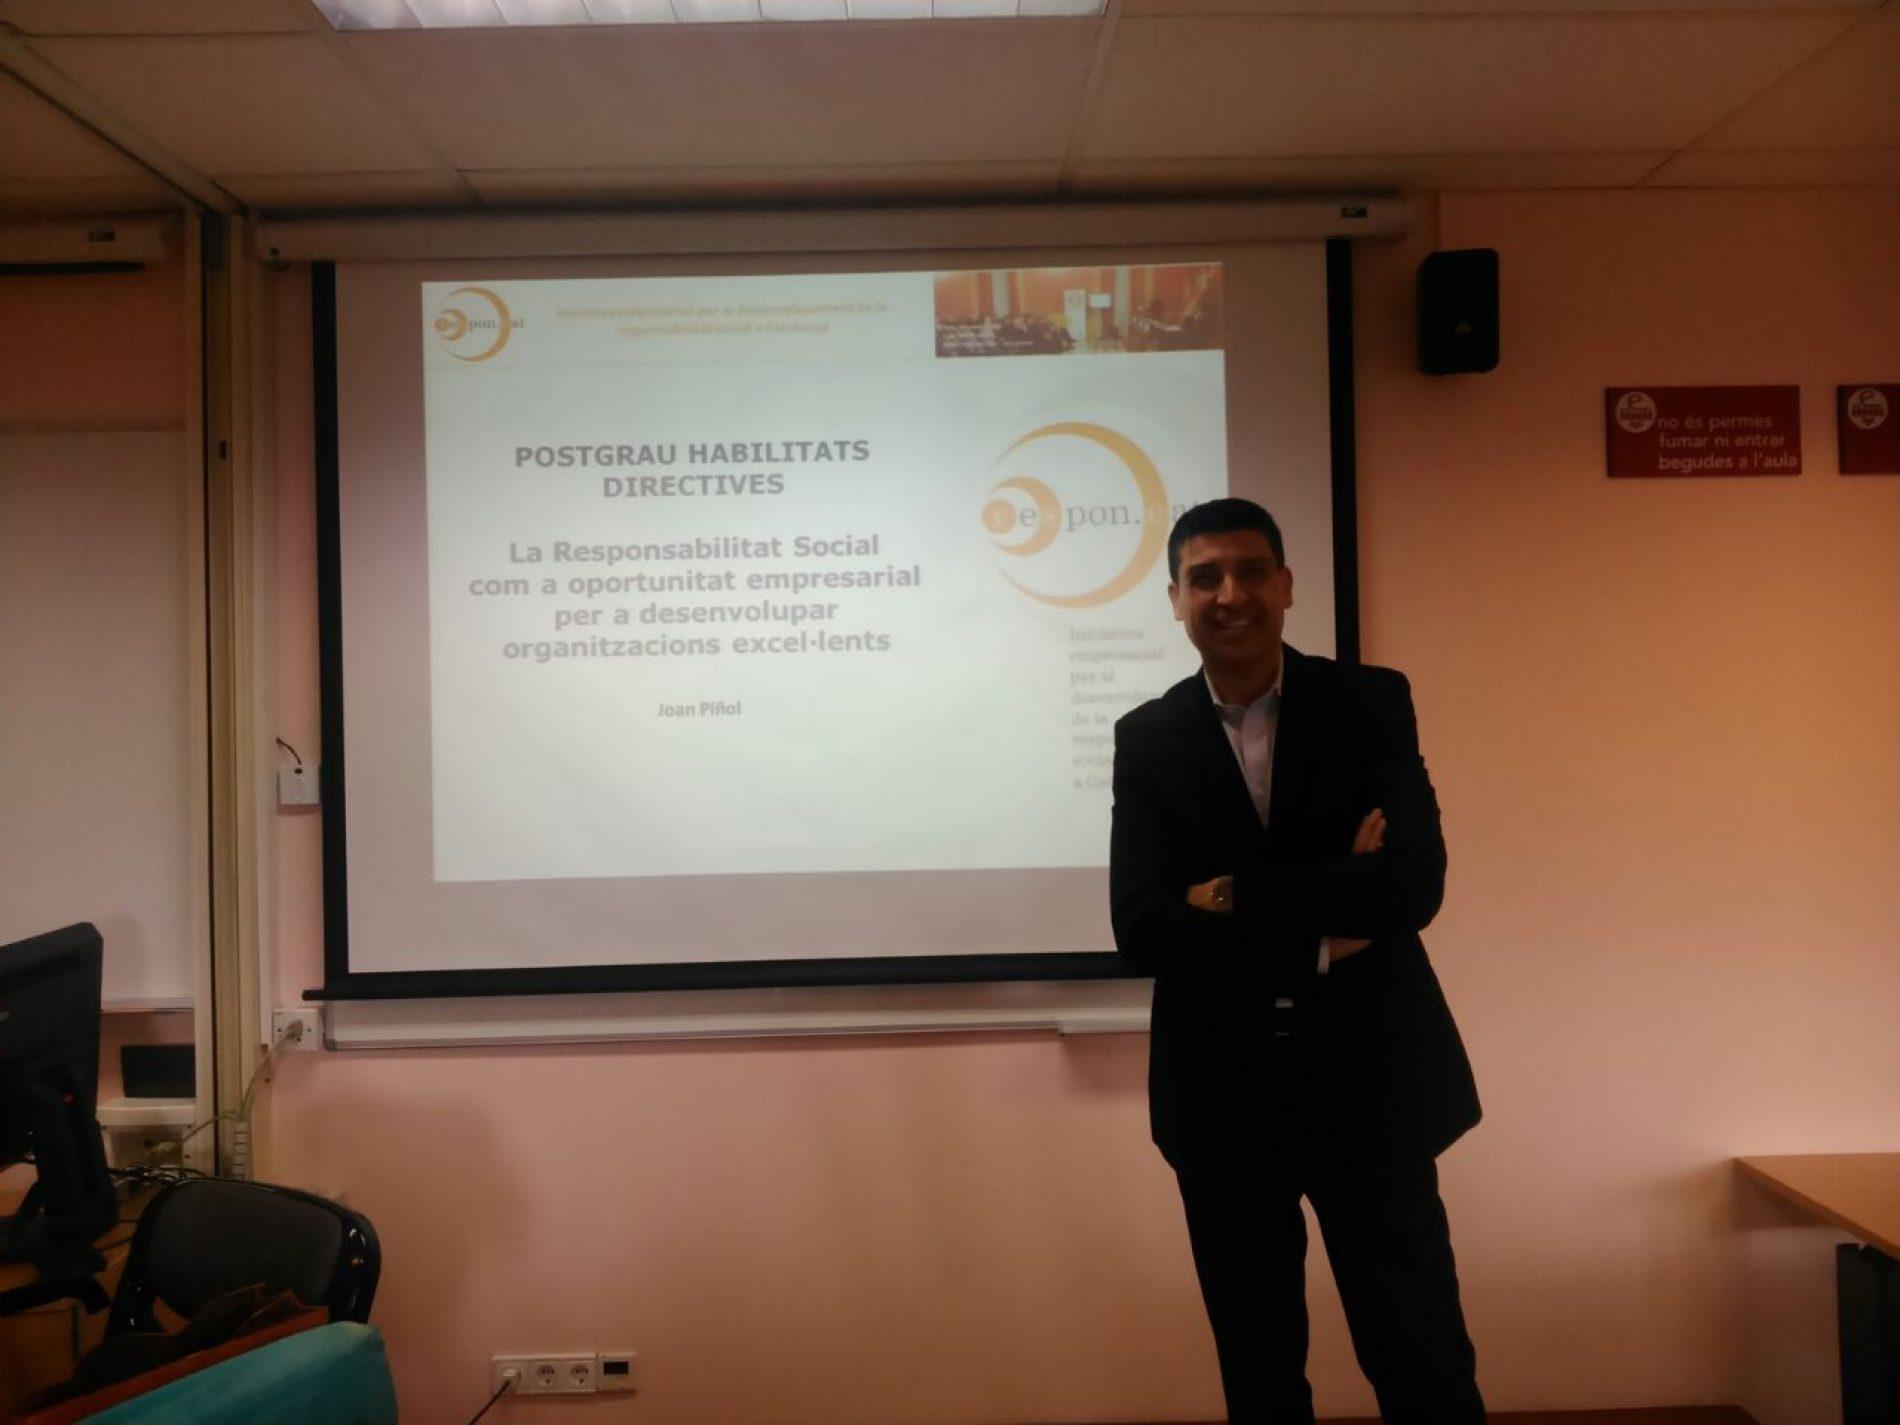 Joan Piñol parla sobre RSE al postgrau d'Habilitats directives de l'Euncet